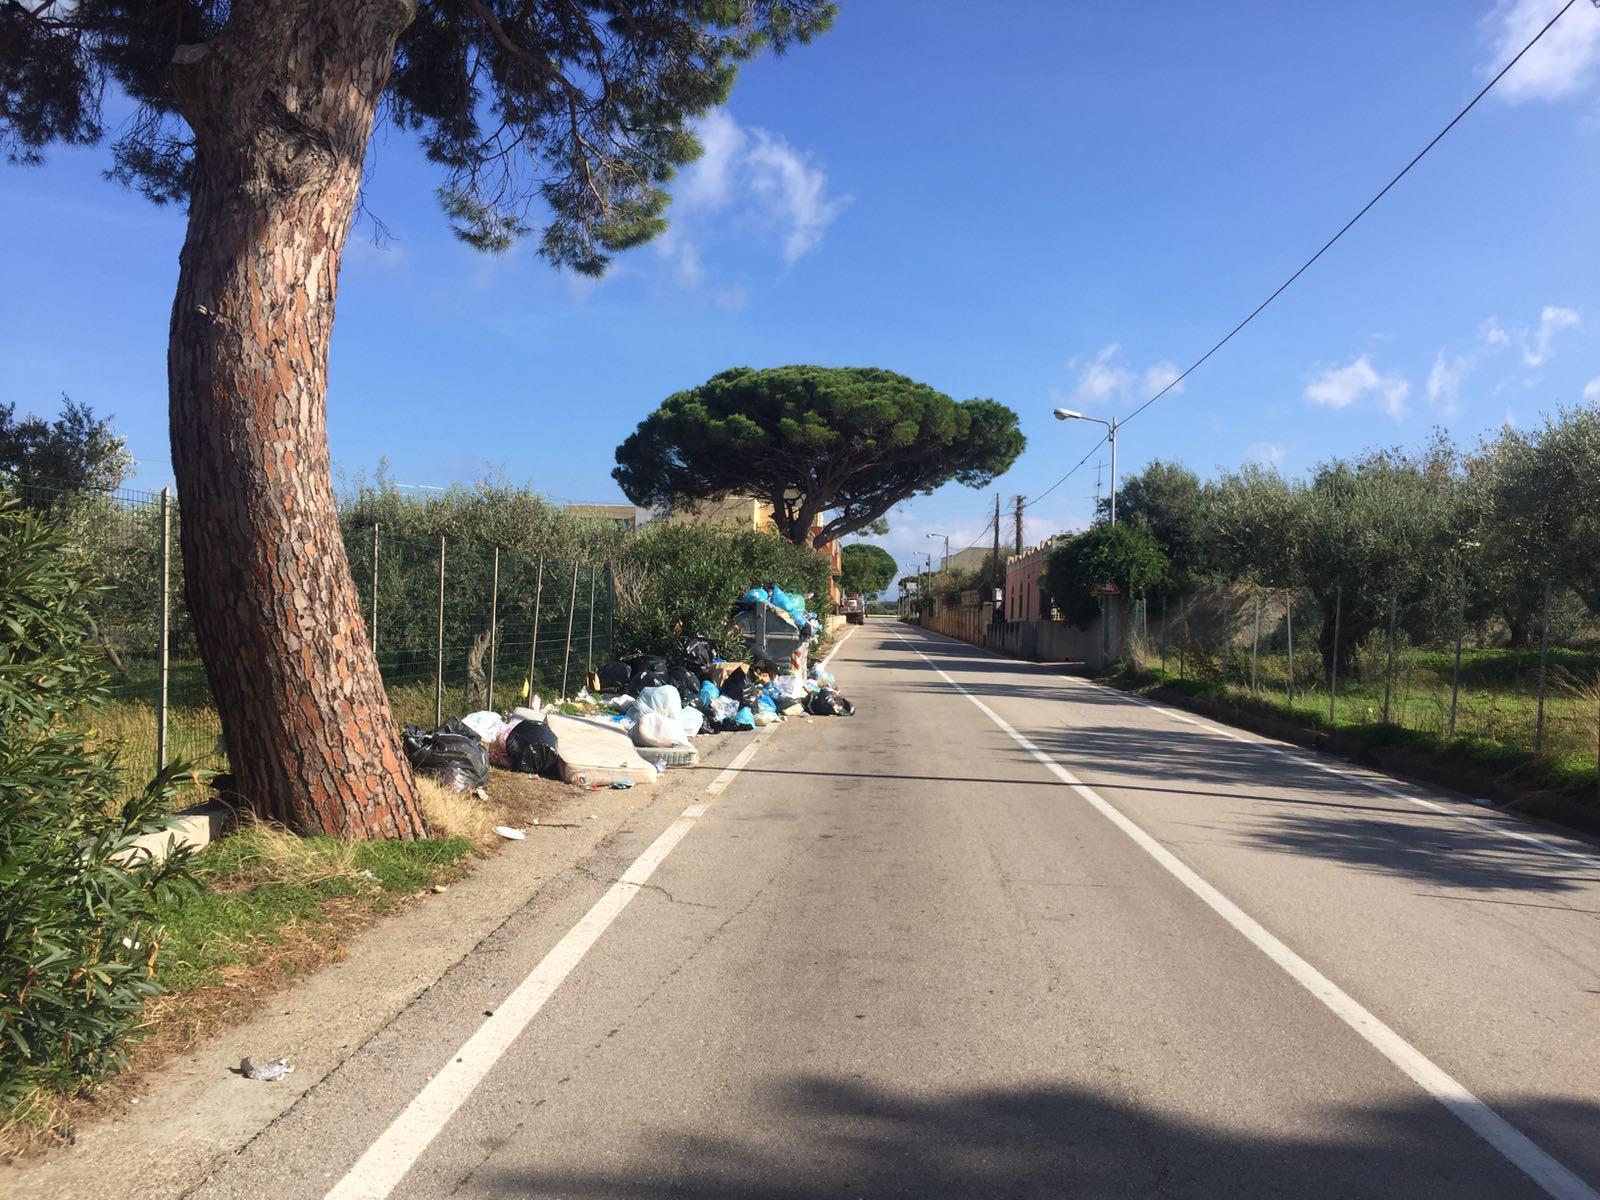 """Ora Messina: """"Città invasa dai rifiuti, rischio per la salute pubblica, gravi mancanze dell'Amministrazione De Luca"""""""